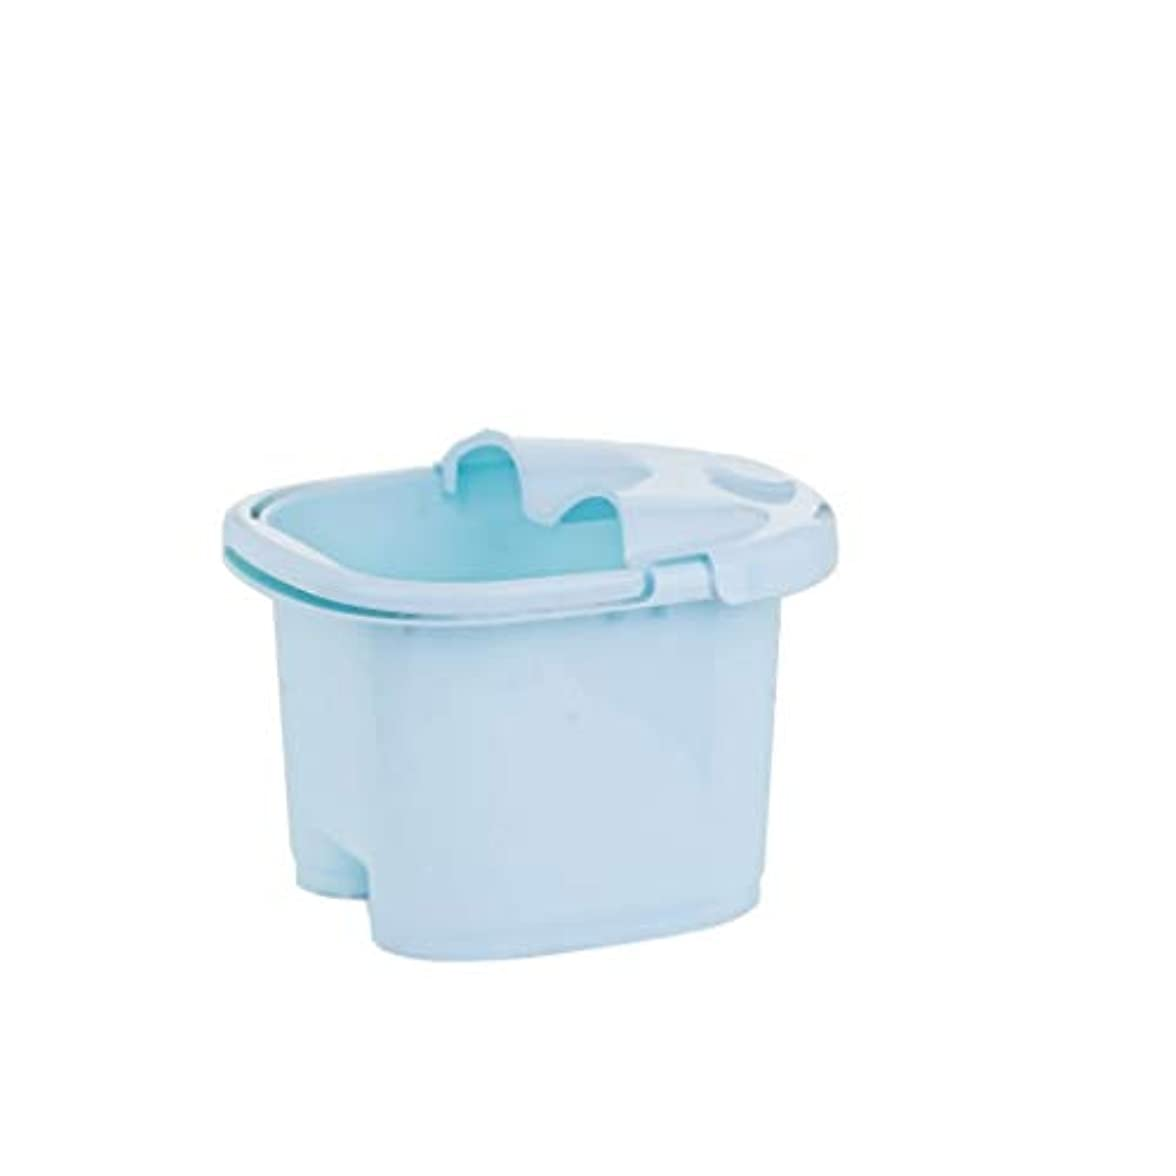 フィヨルド投票時制BB- ?AMT携帯用高まりのマッサージの浴槽のふたの熱保存のフィートの洗面器の世帯が付いている大人のフットバスのバケツ 0405 (色 : 青, サイズ さいず : 23.5cm high)